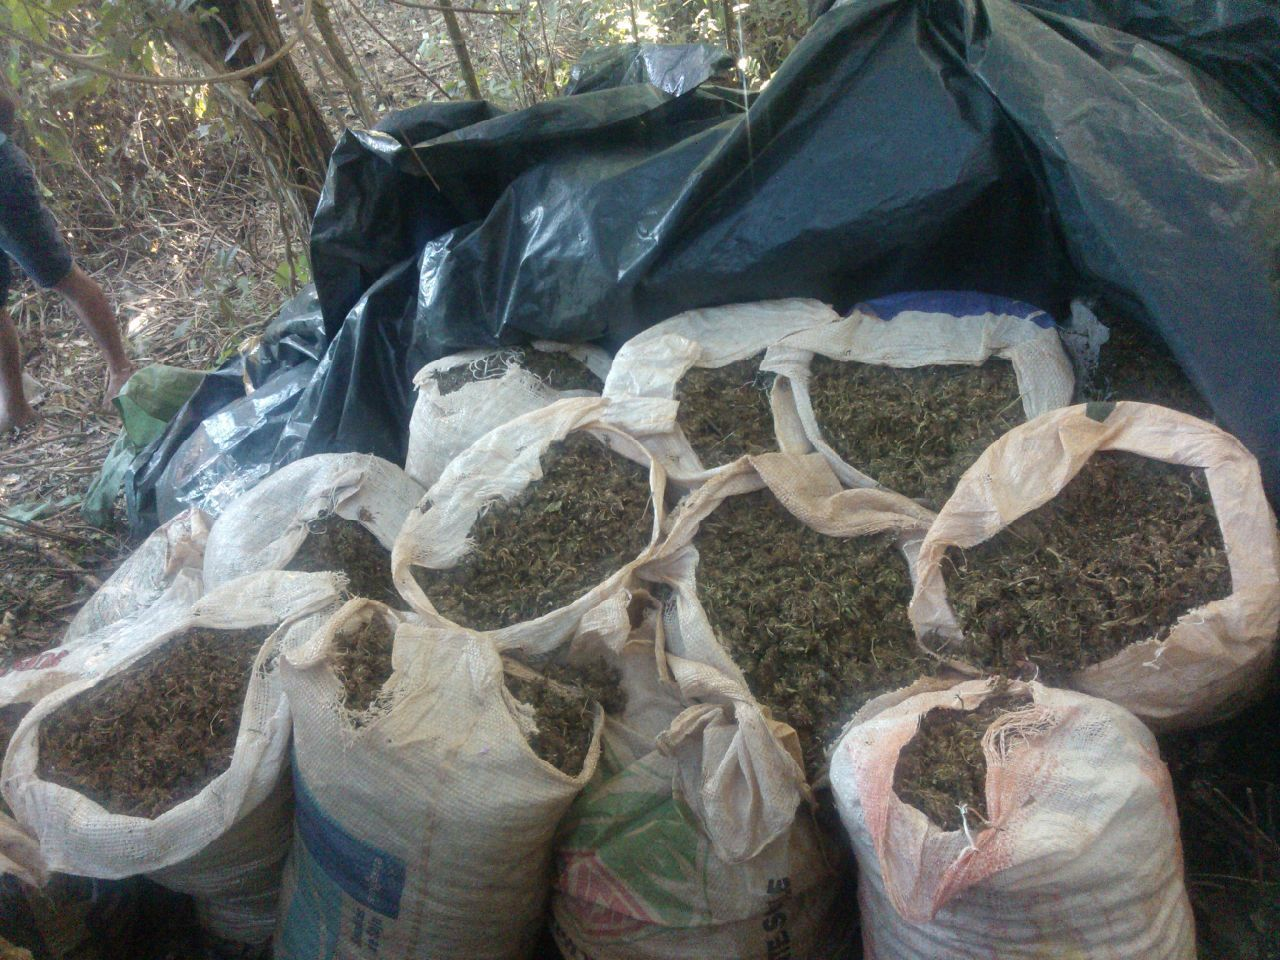 Hallan 2.200 kilos de marihuana en Canindeyú